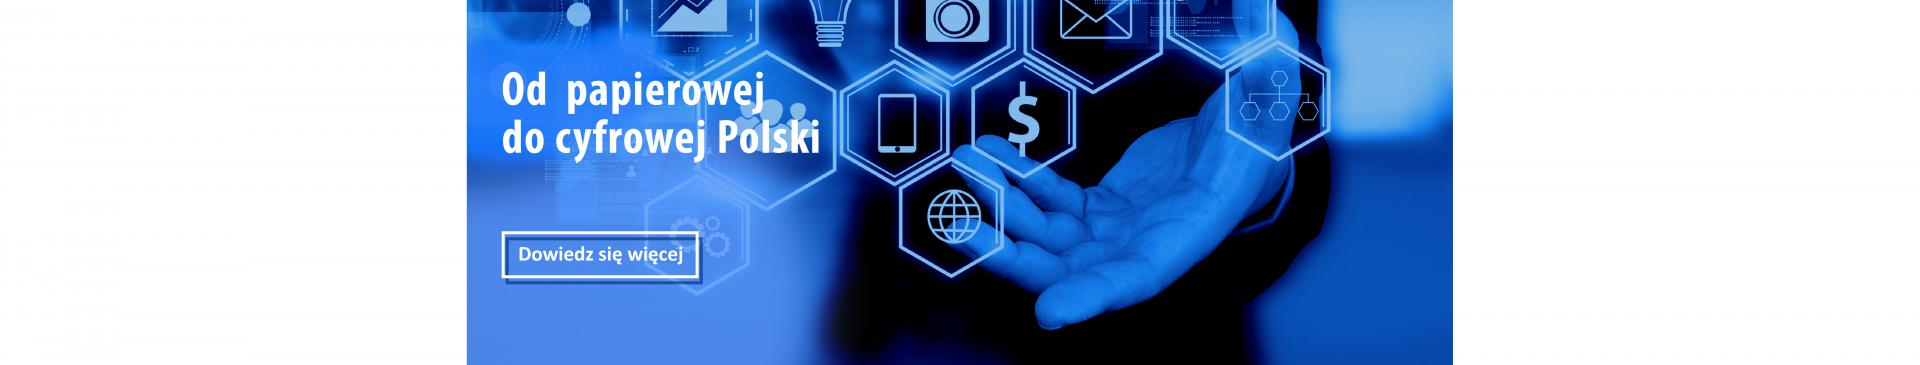 """Dłoń podtrzymująca elementy kojarzące się z cyfryzacją i e-administracją takie jak smartfon, czy poczta elektroniczna. Slajder prowadzi do podstrony informującej o projekcie MC """"Od papierowej do cyfrowej Polski""""."""